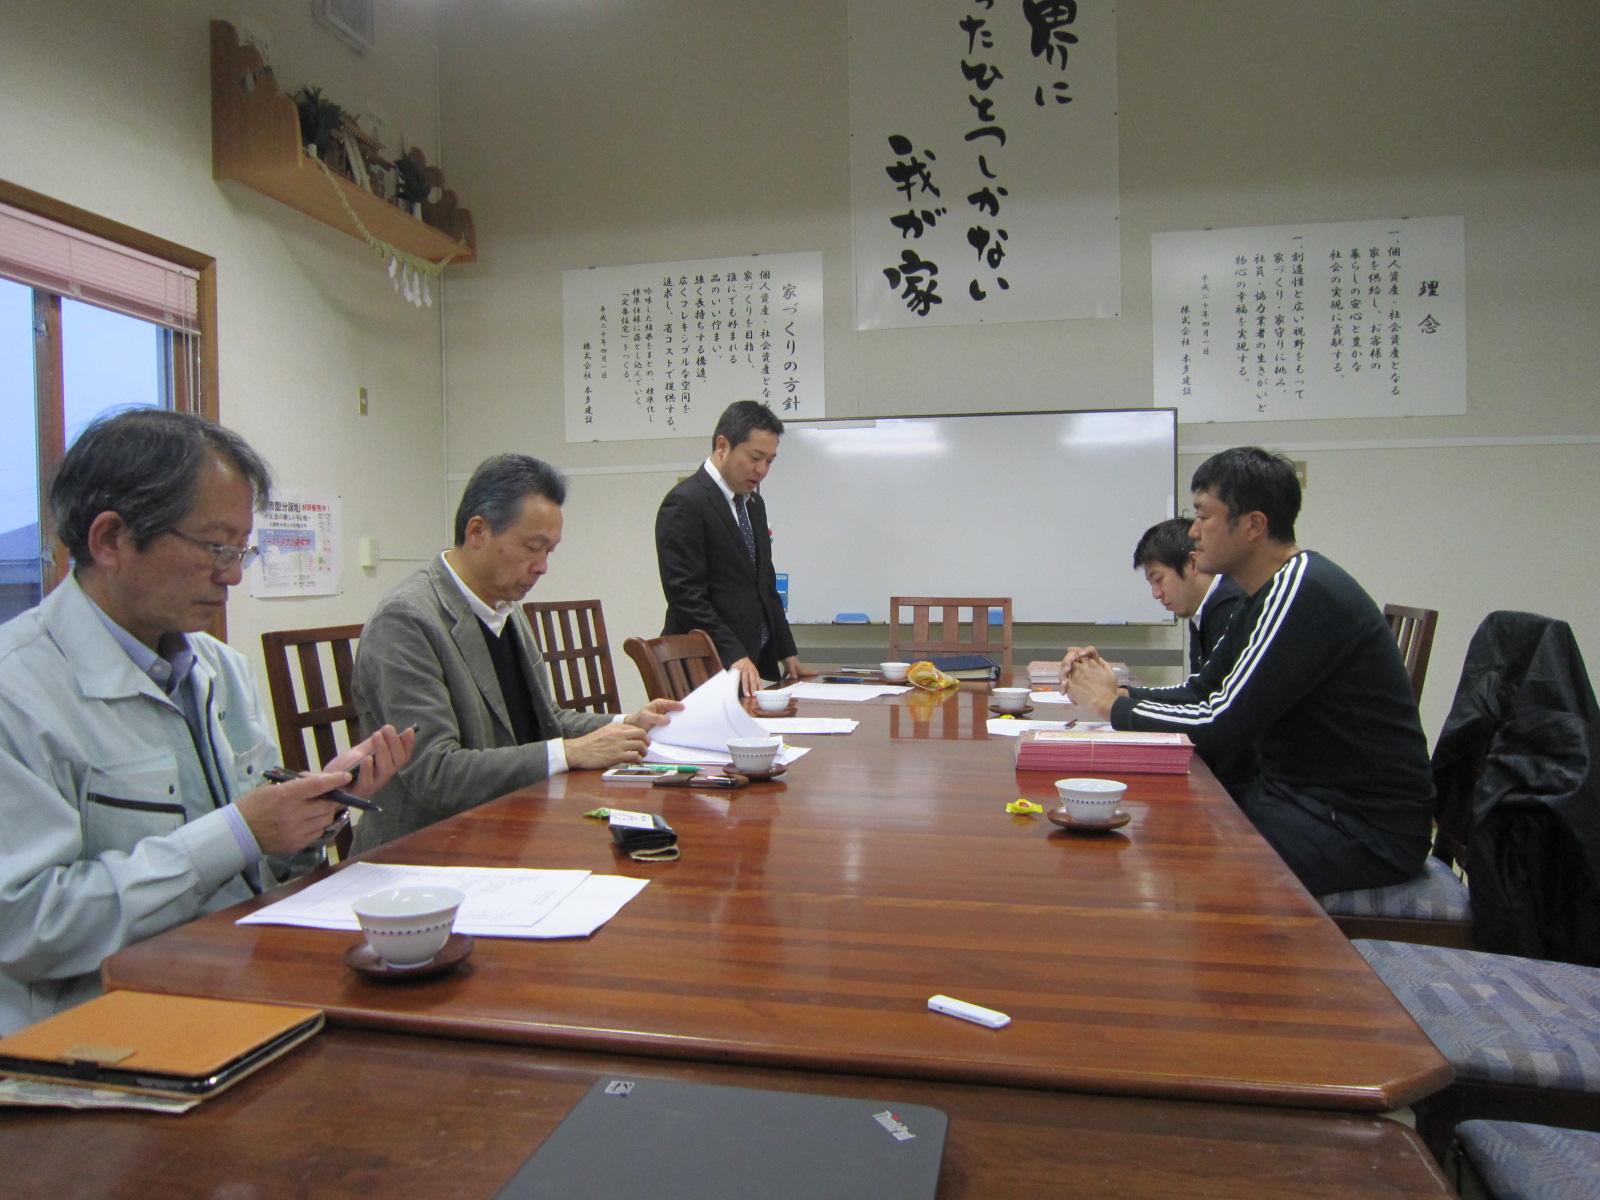 2016/12/14 山形県古民家再生協会例会